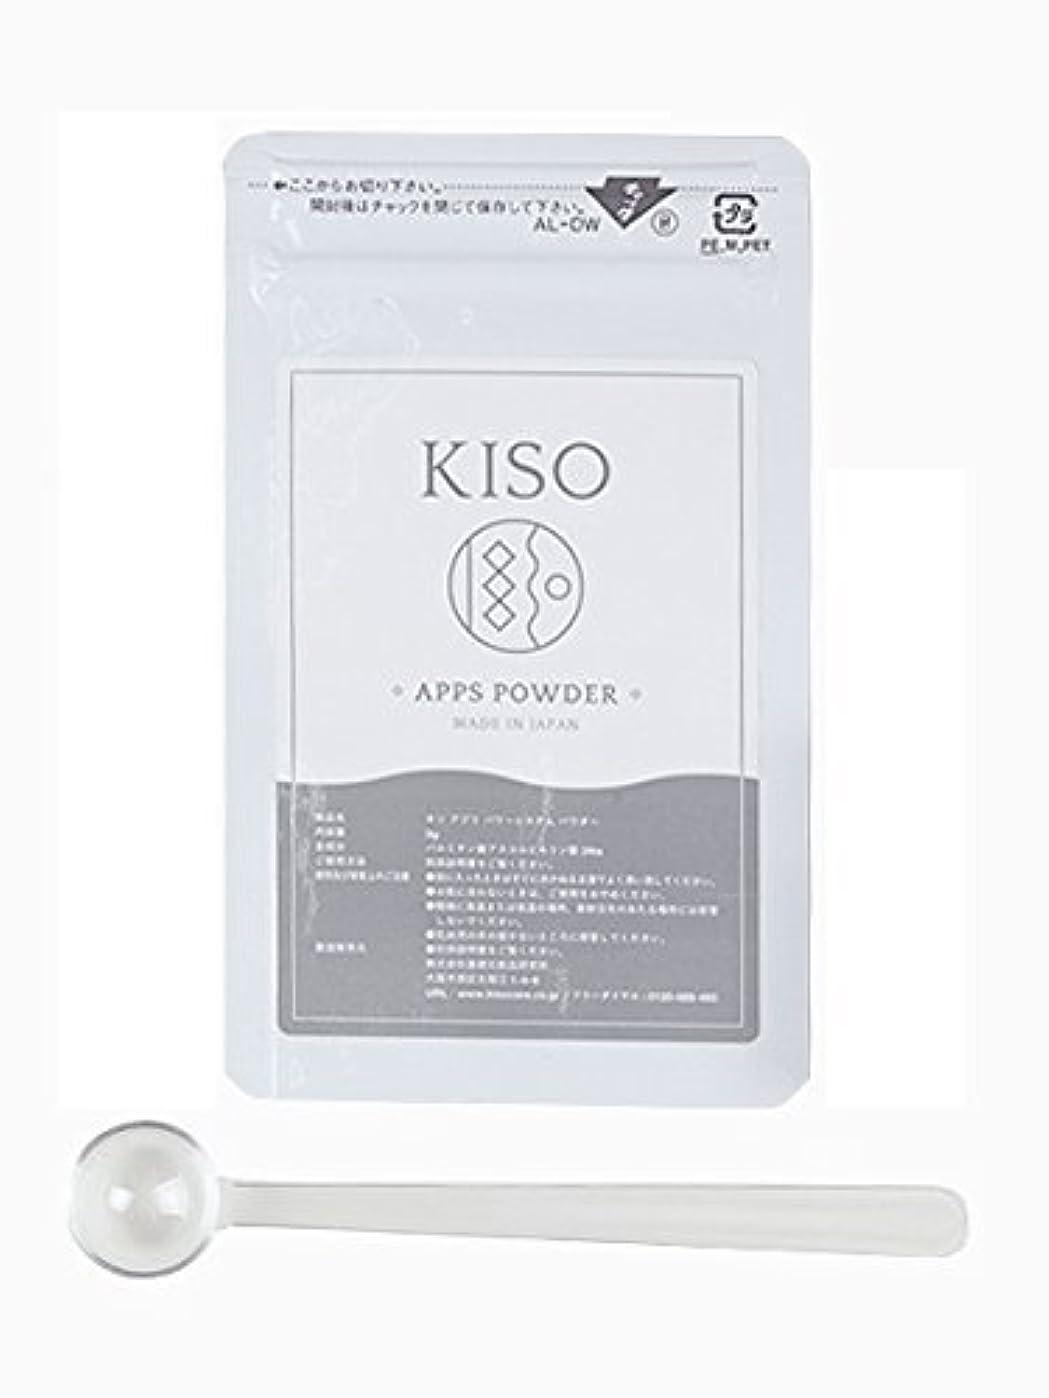 西マナーアルプスKISO 【APPS POWDER 3g】次世代型ビタミンC誘導体100%パウダー 「アプレシエ」1%化粧水なら300mL分/日本製